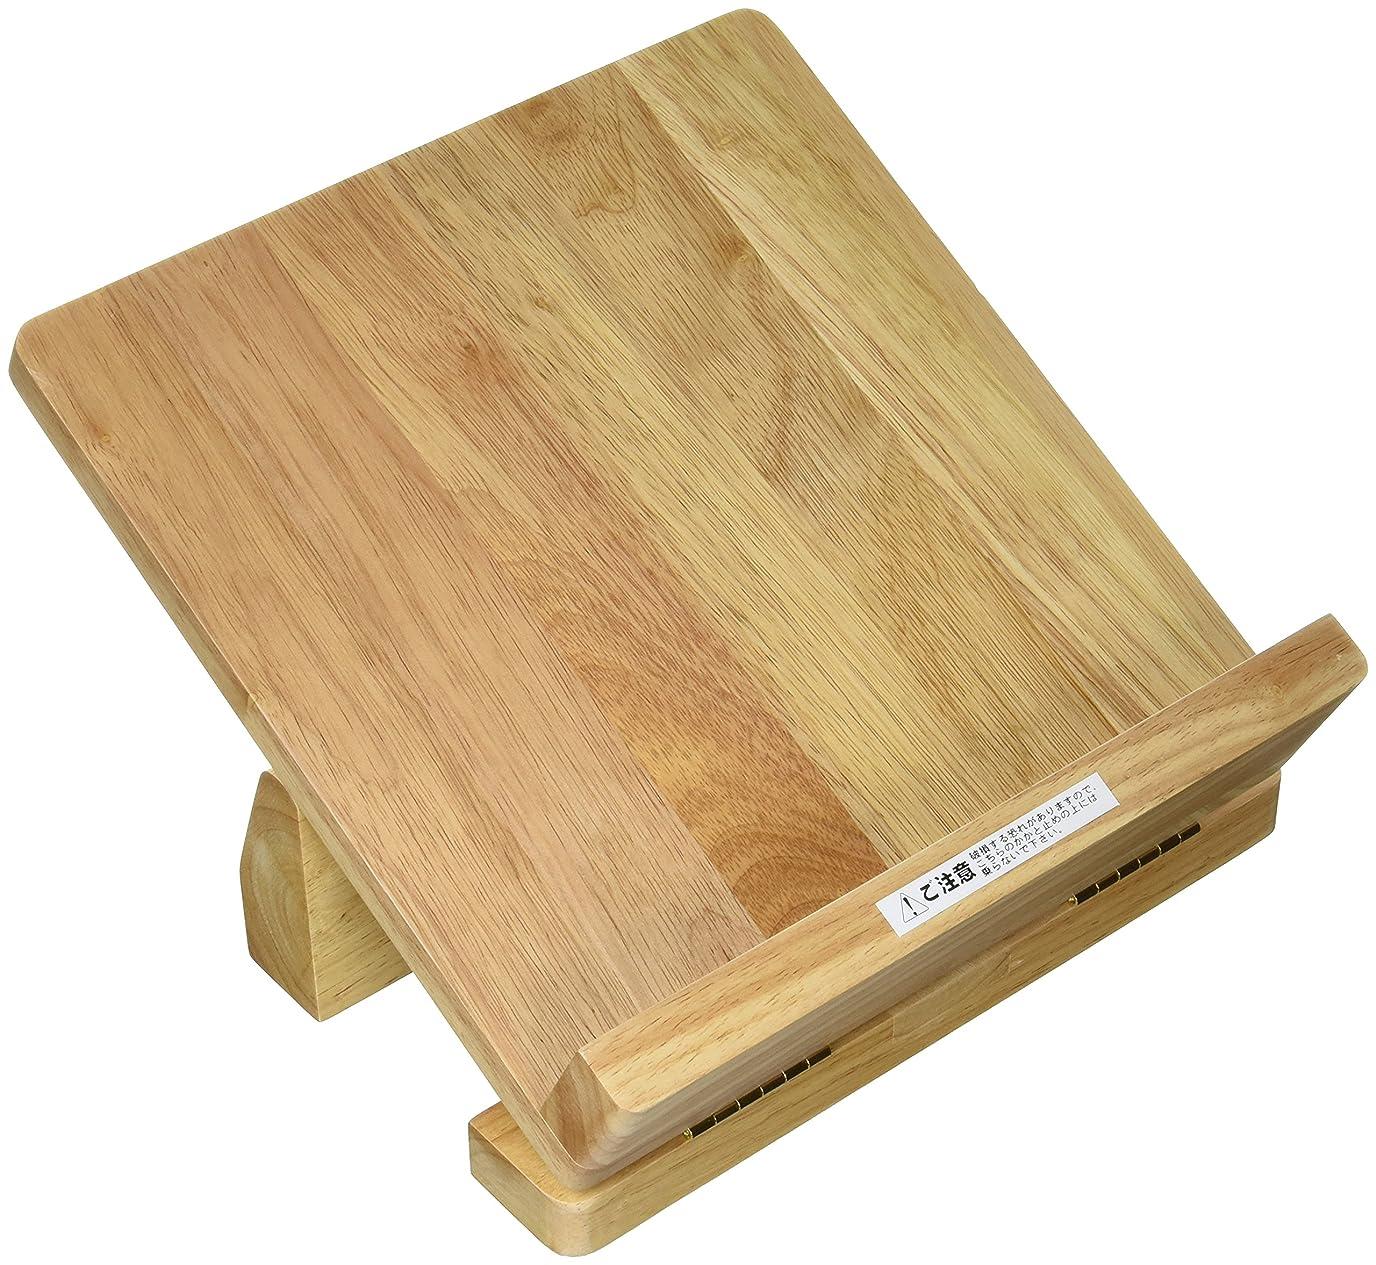 大宇宙グラディス習慣足首のびのび 木製ストレッチボード